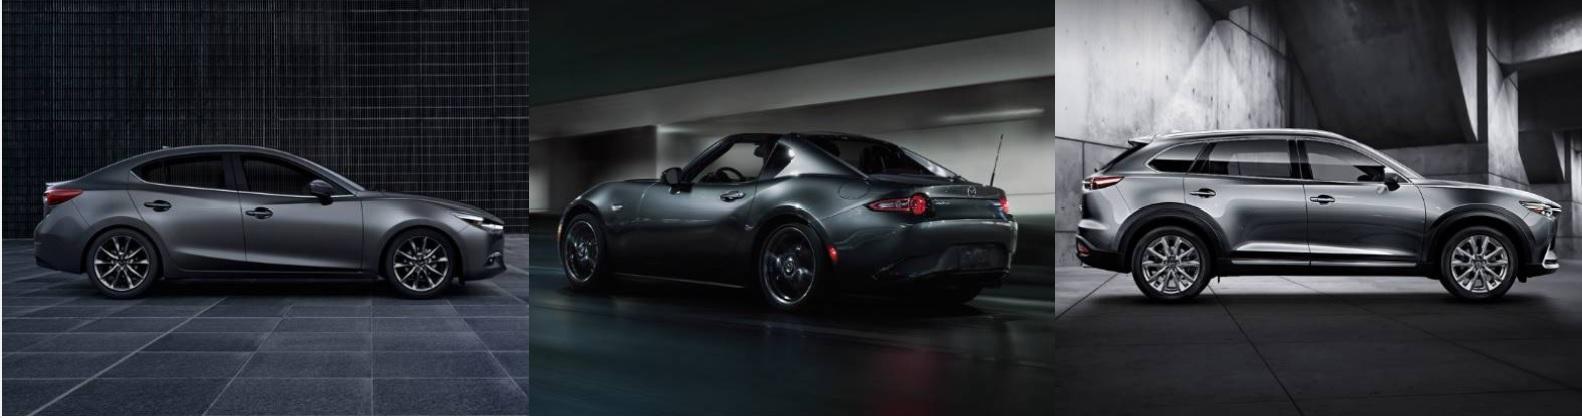 Mazda Dealer Near Huntington NY Wantagh Mazda - Mazda dealership ny